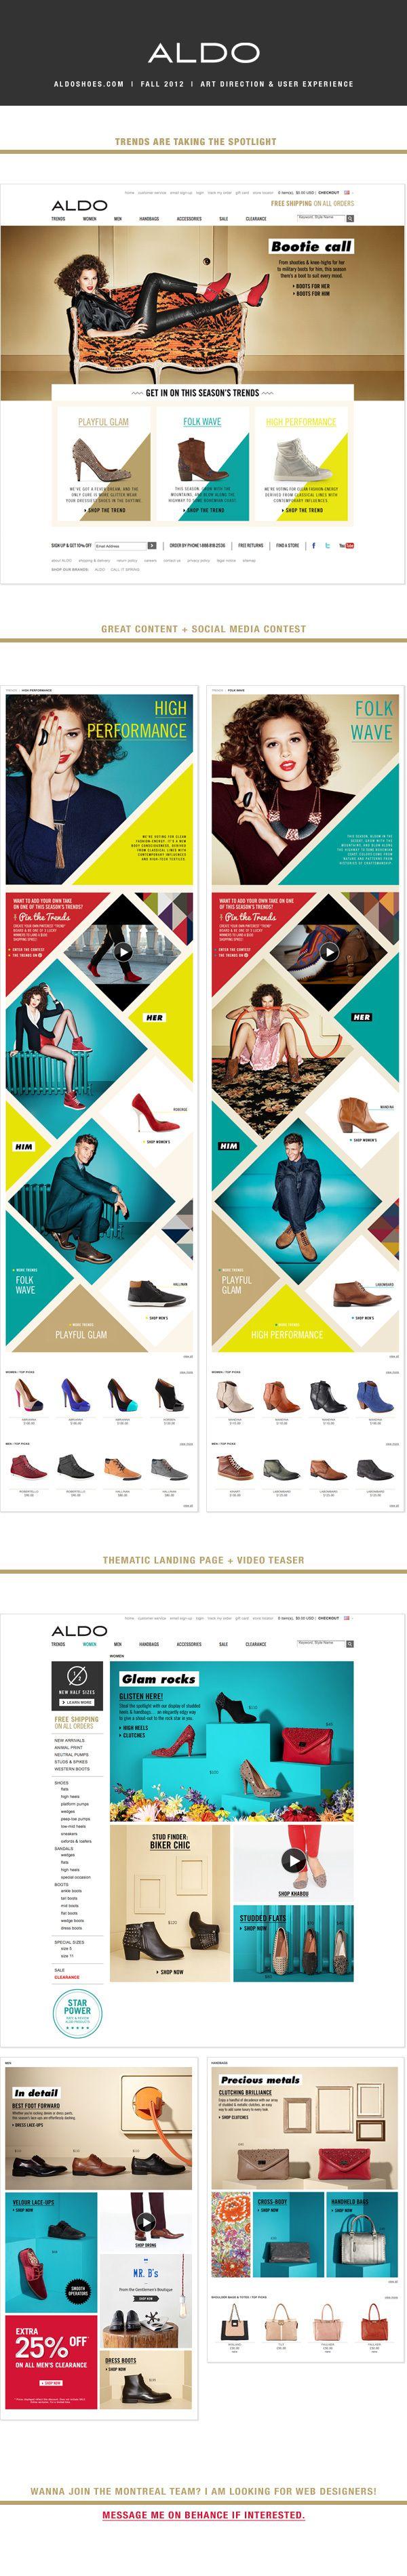 ALDO | FW12 | aldoshoes.com  Fashion, User Interface Design, Web Design